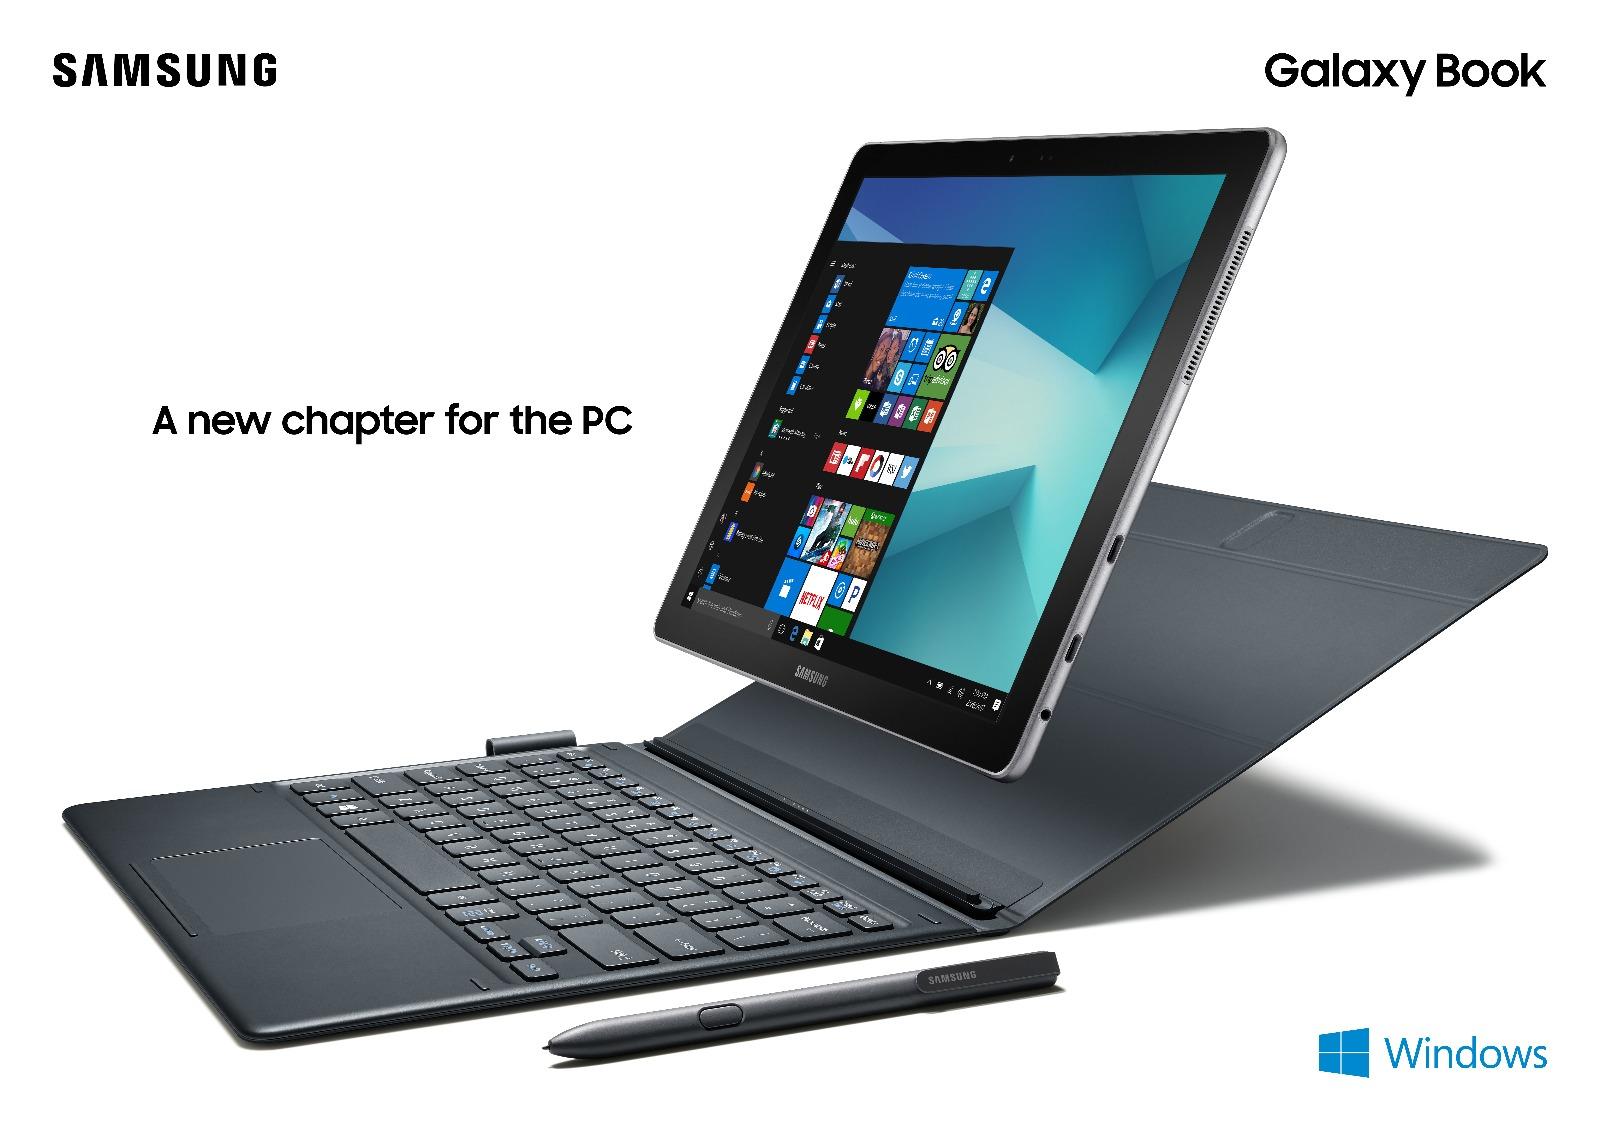 MWC 2017: الإعلان رسميًا عن Samsung Galaxy Book بنظام ويندوز - عالم التقنية